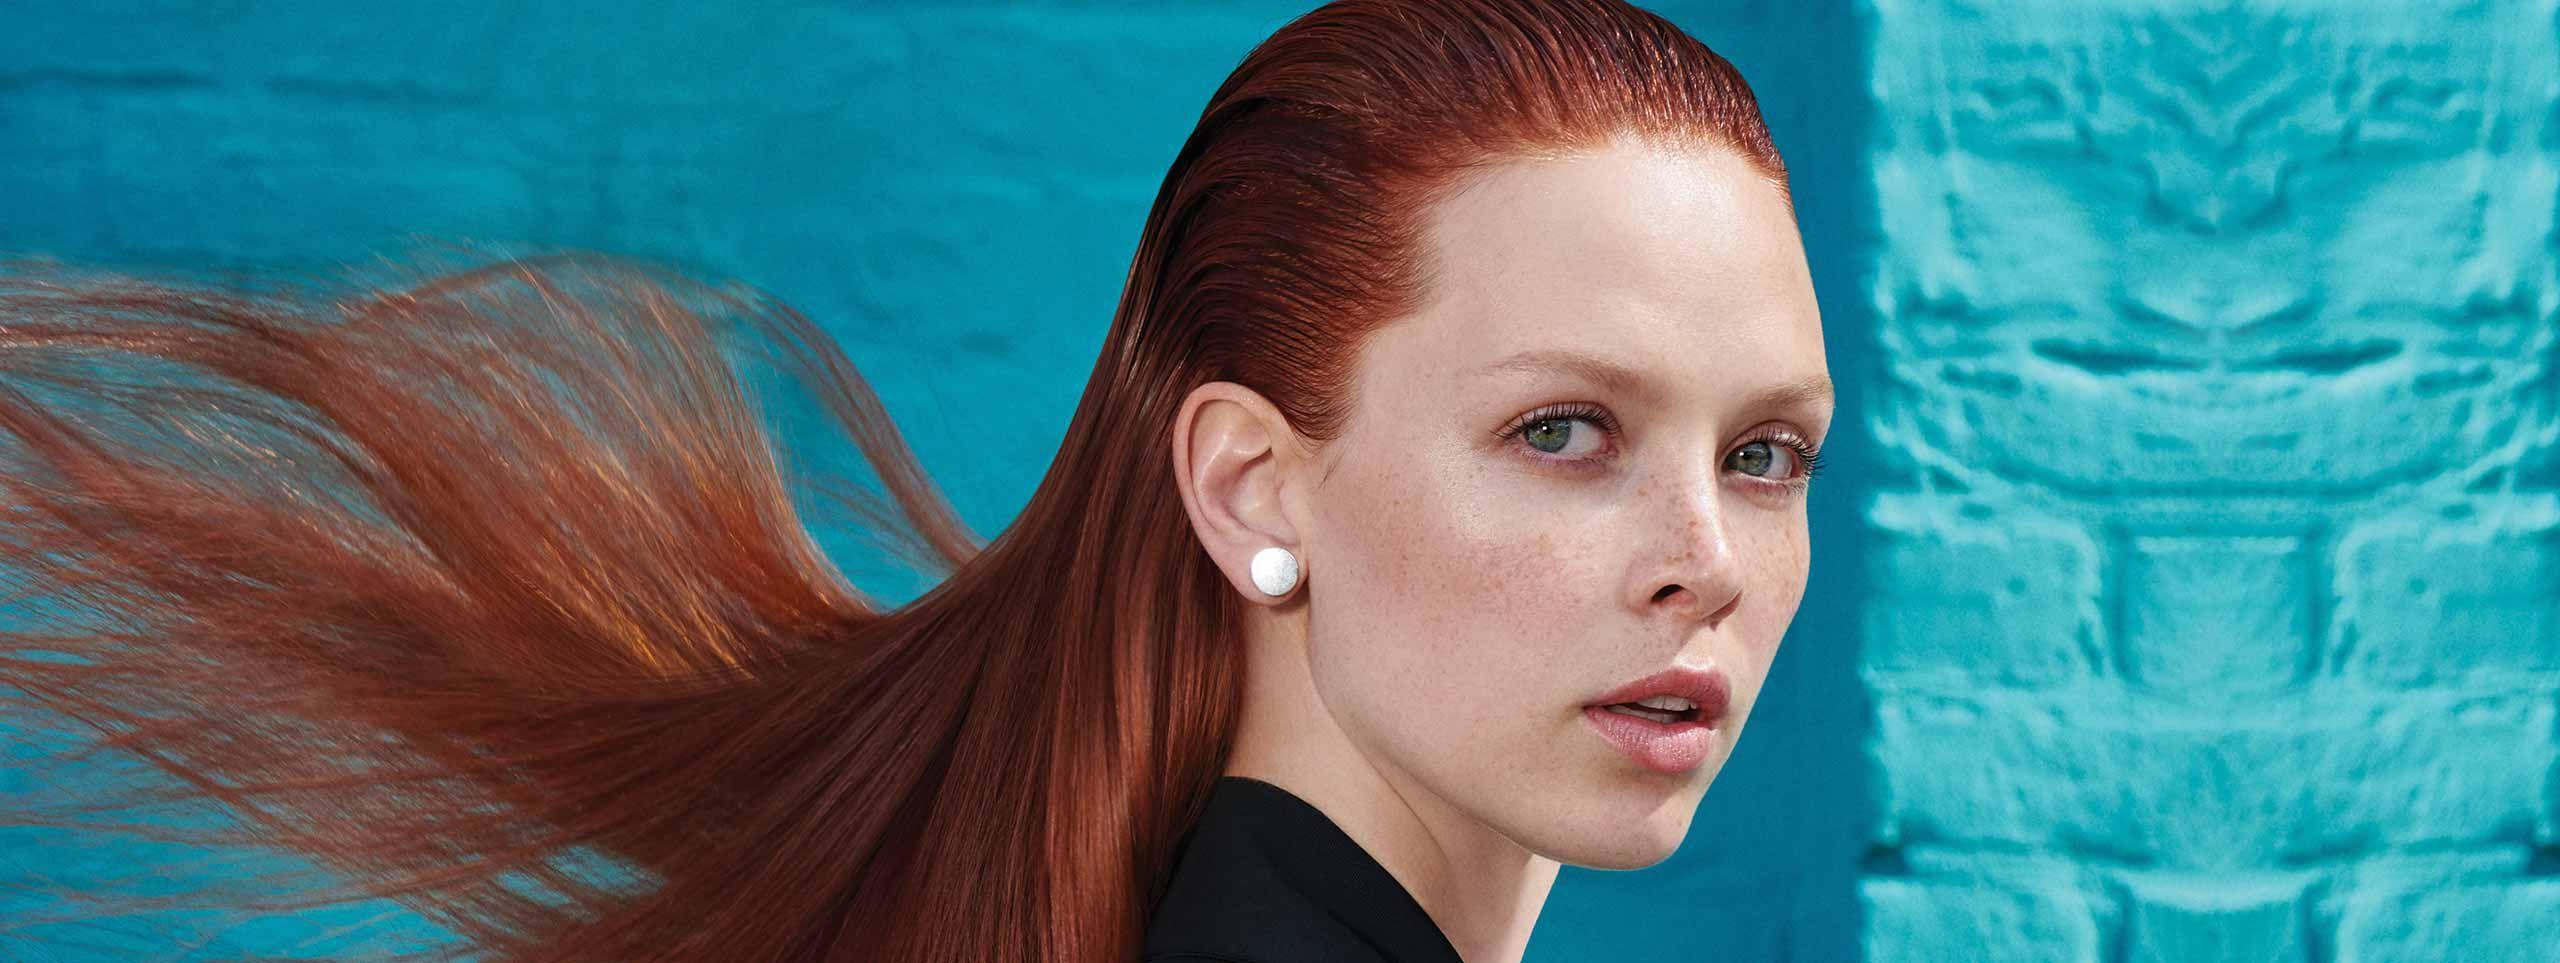 Žena crvene duge kose